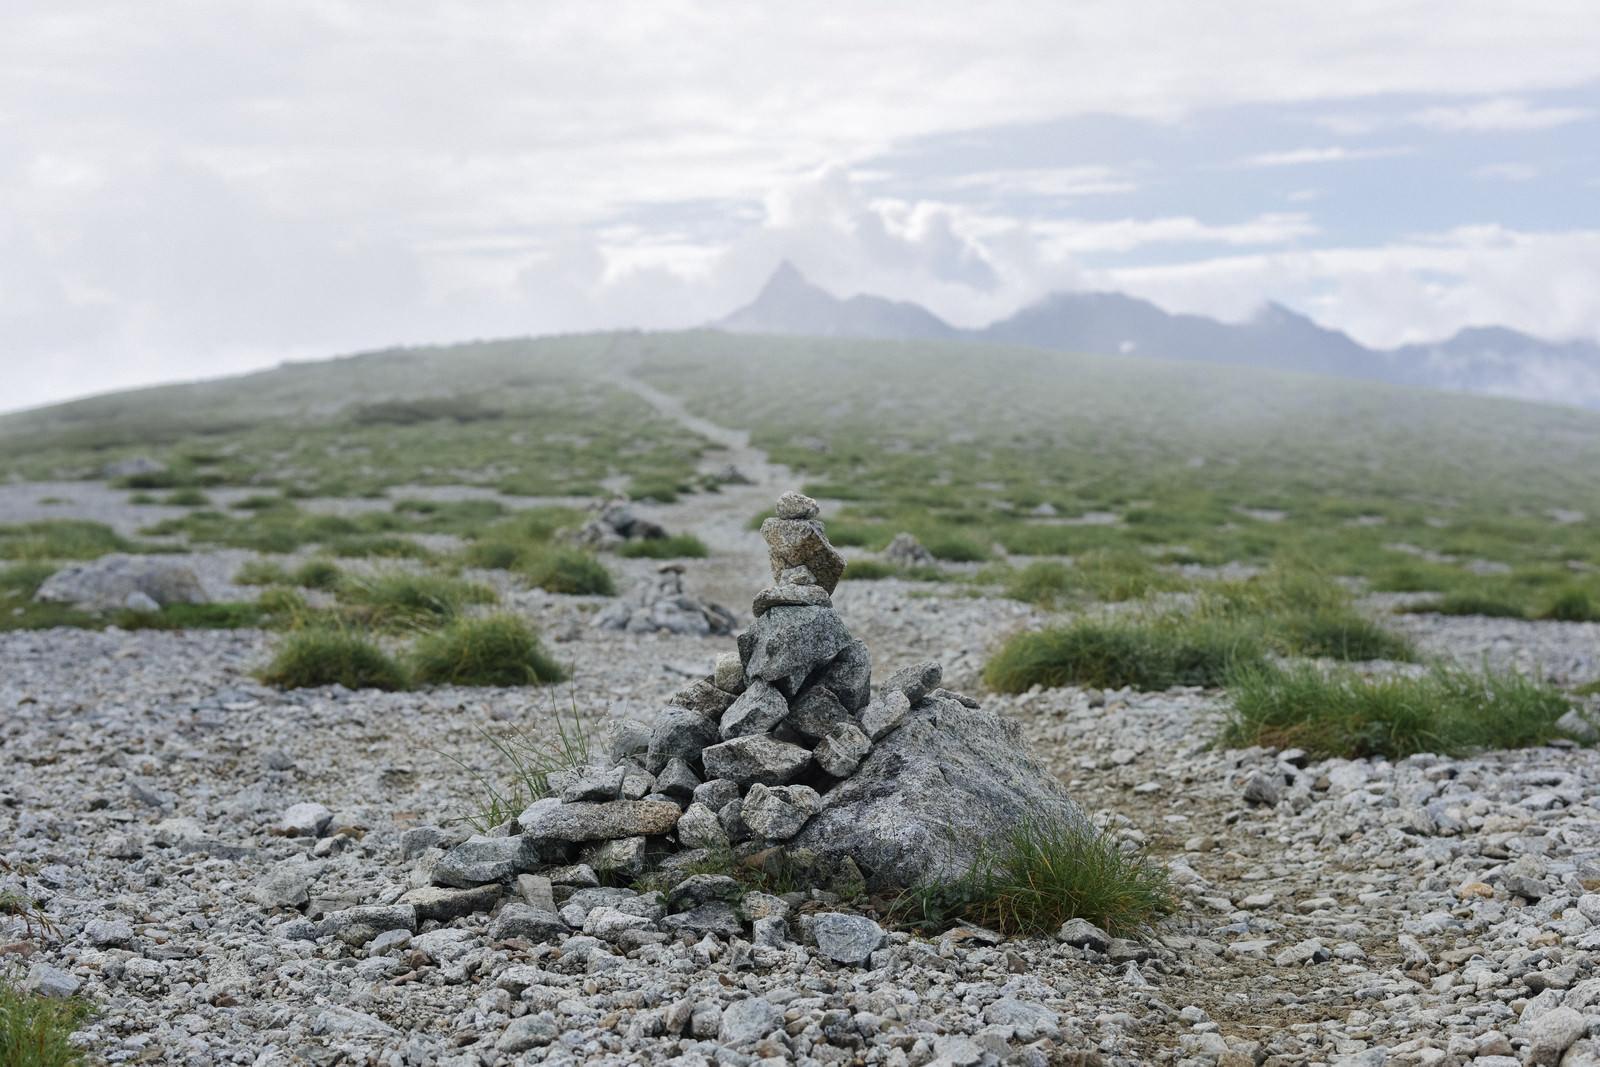 「双六岳山頂のケルンとガスの向こうの槍ヶ岳(水晶岳)」の写真